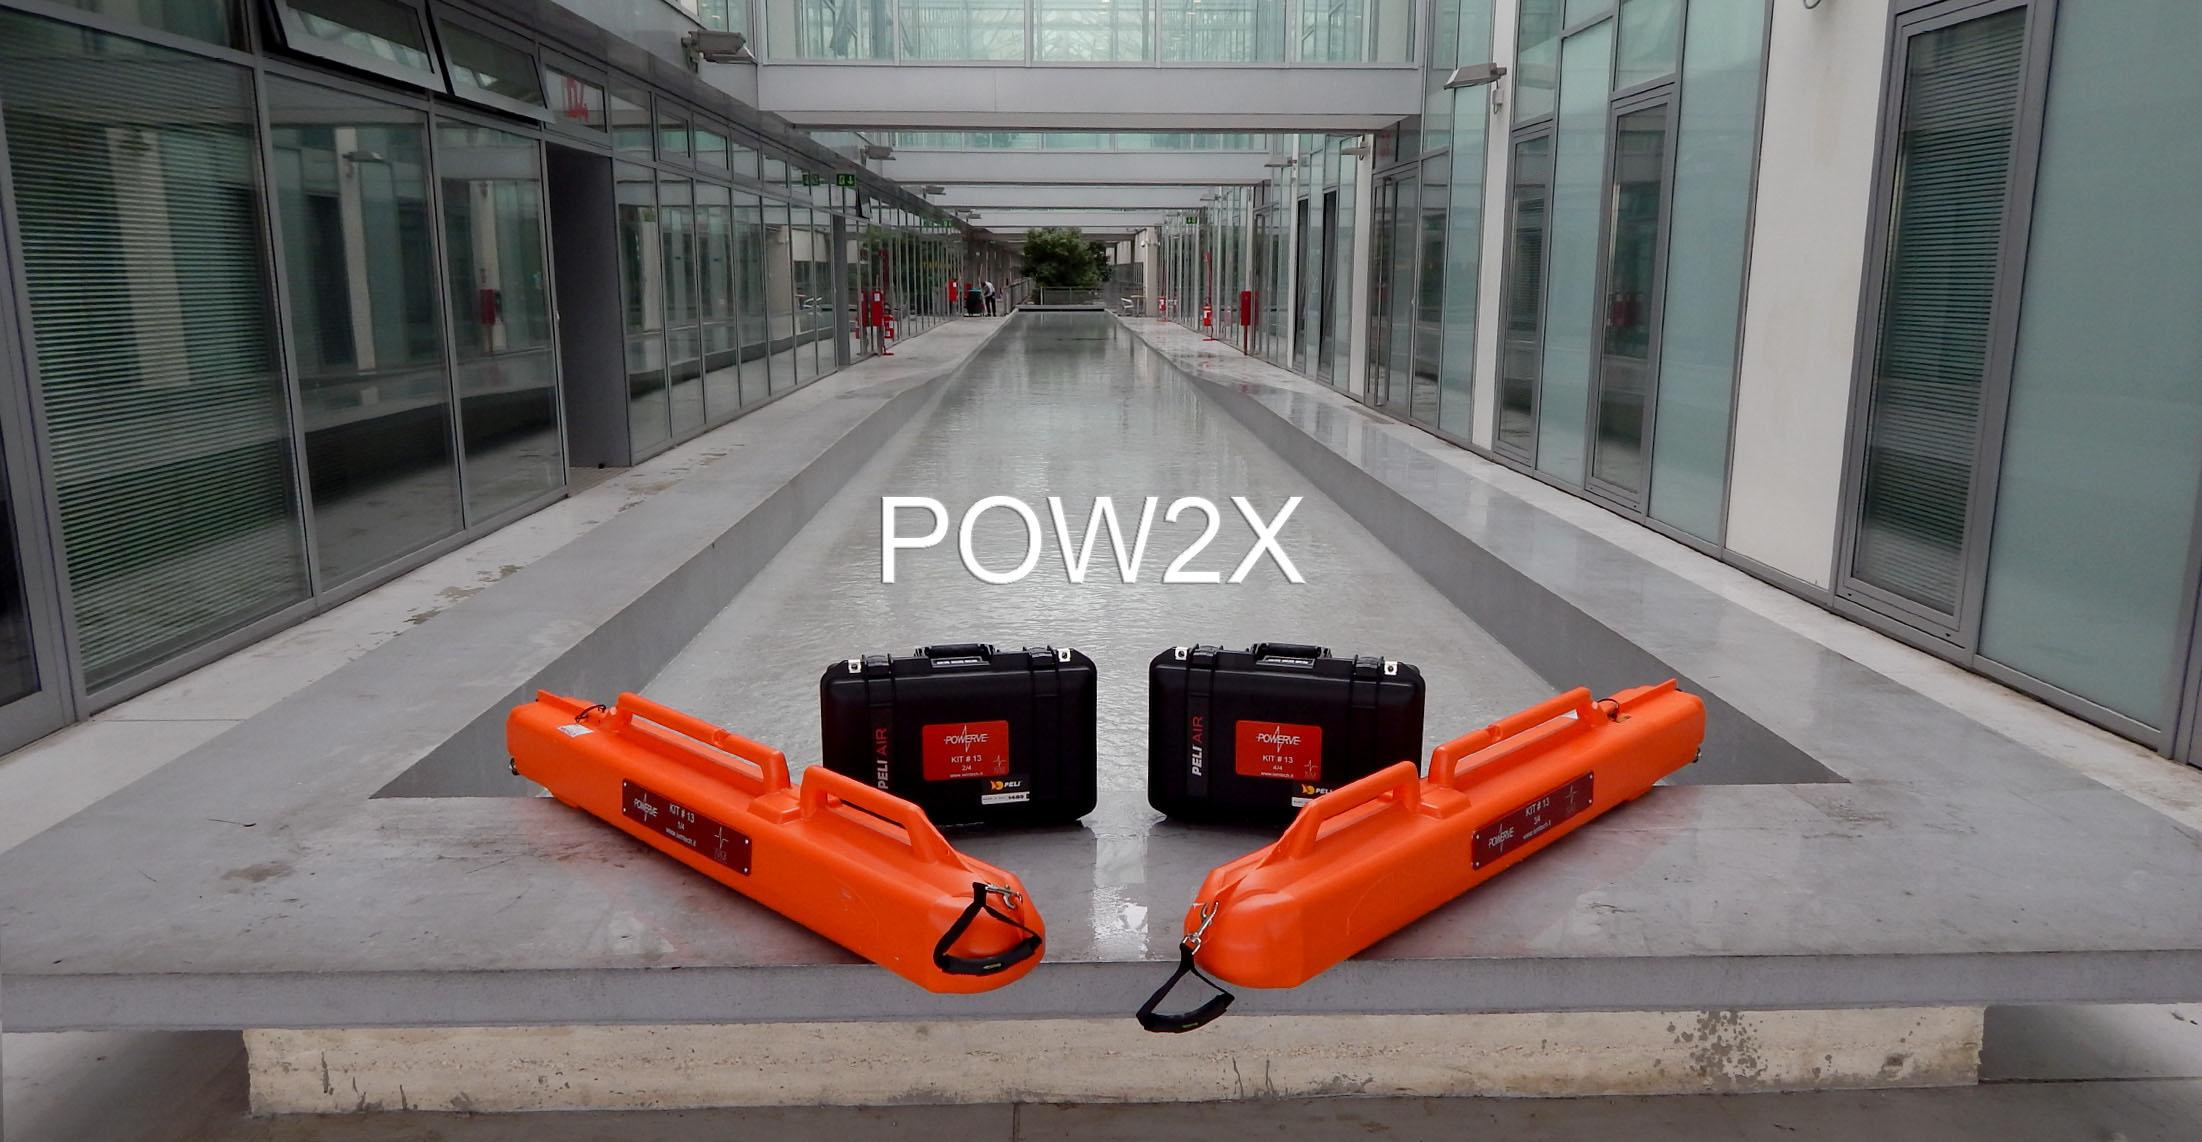 POW2X